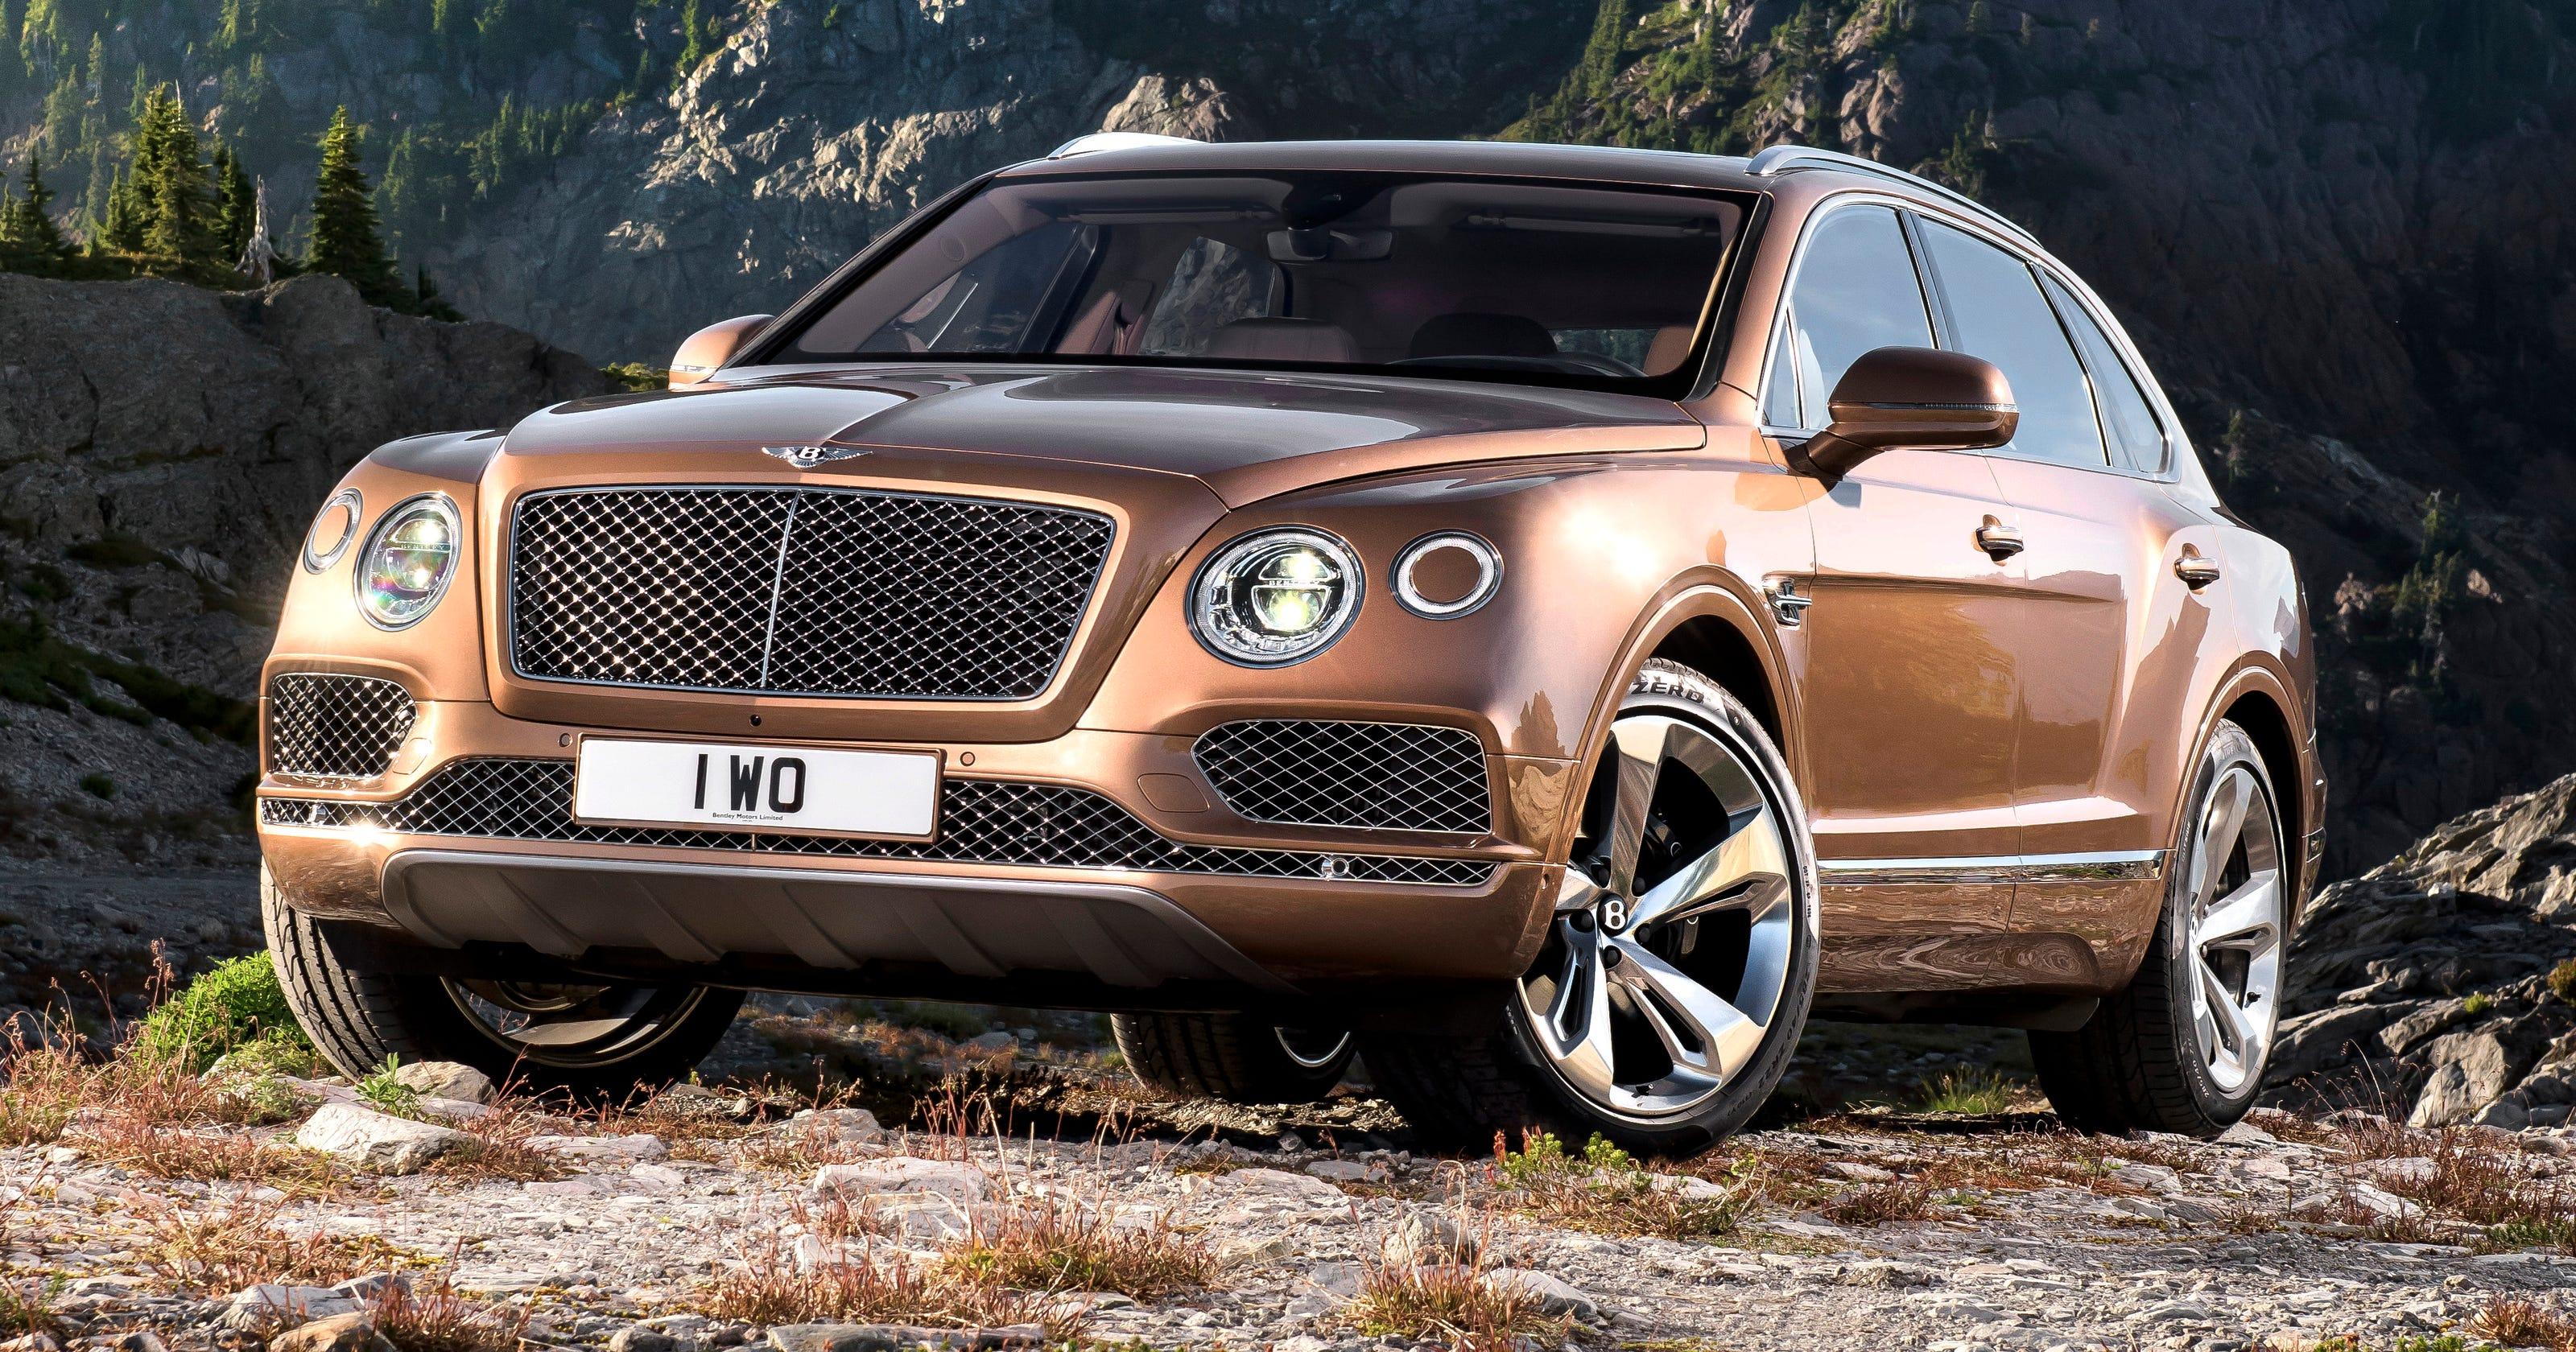 Bentley Prices Bentayga SUV Way Above K - Show me a bentley car